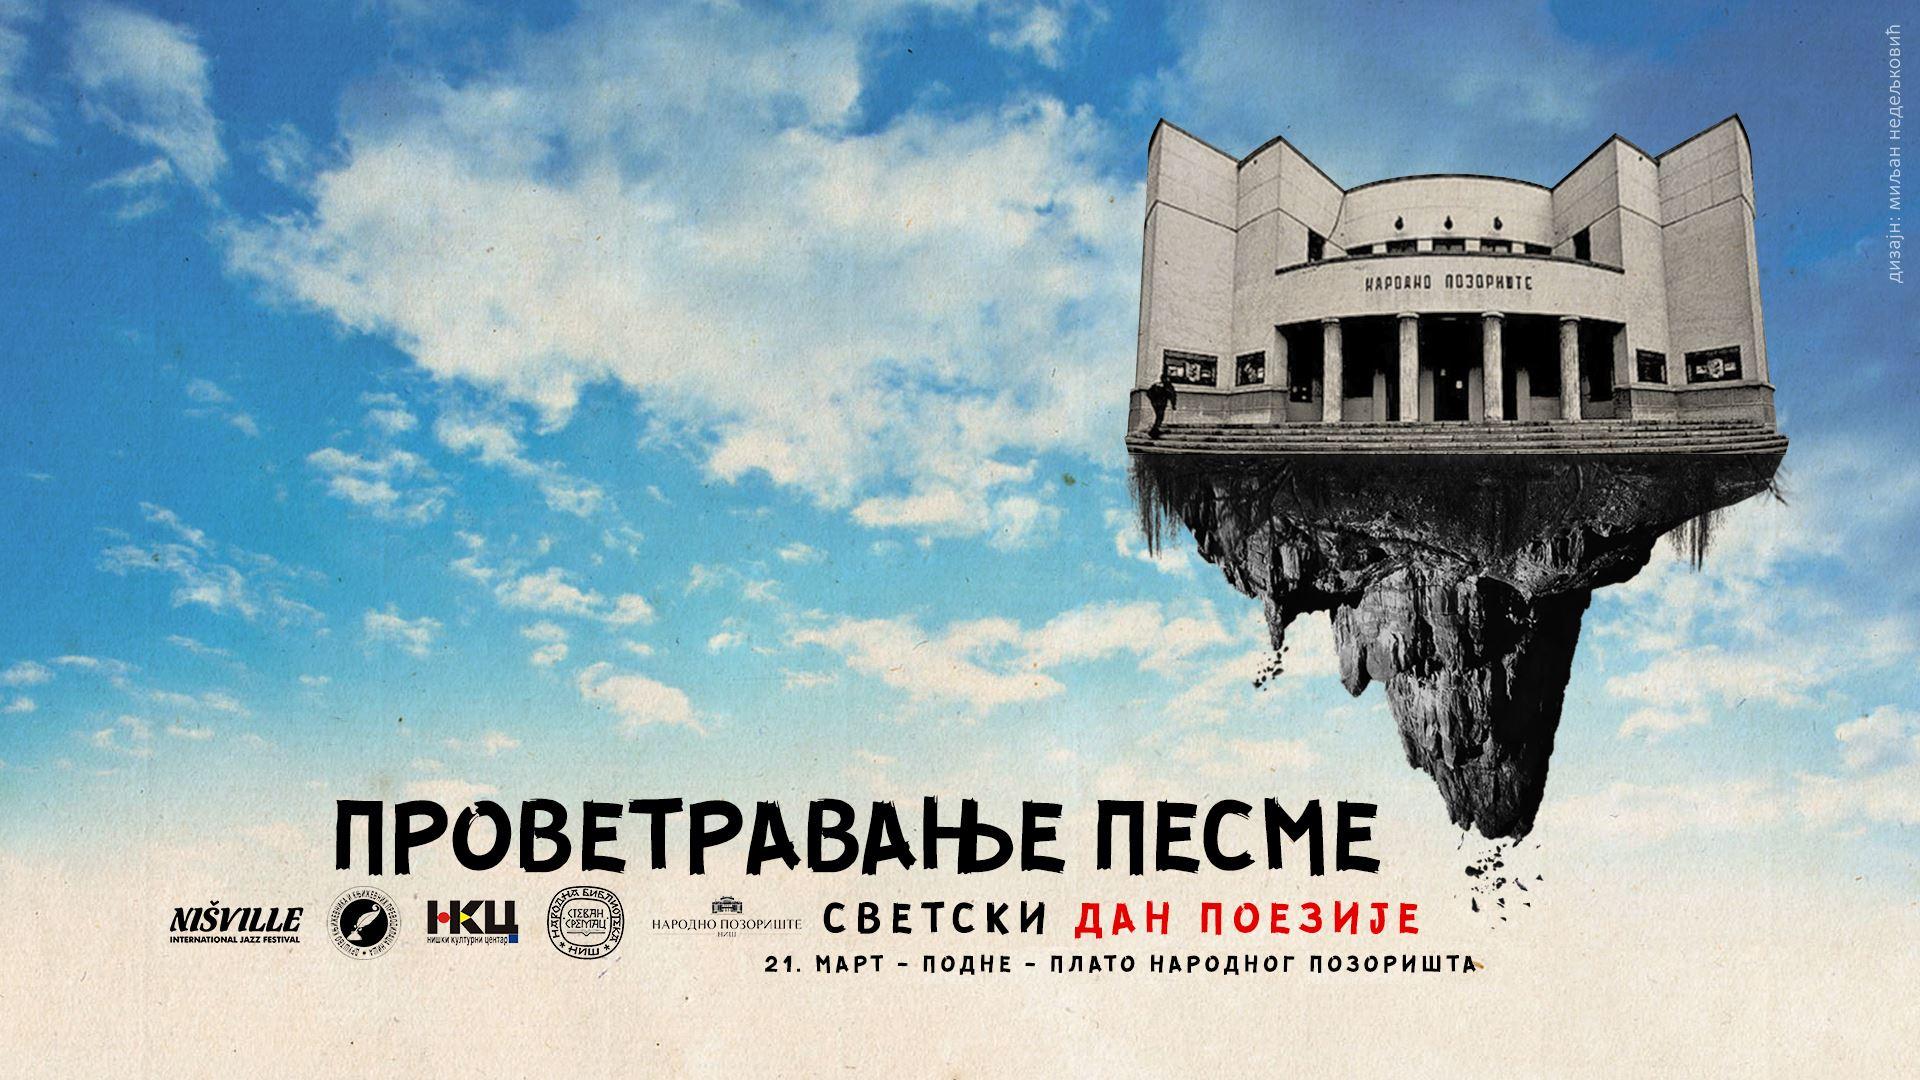 Светски дан поезије у Нишу